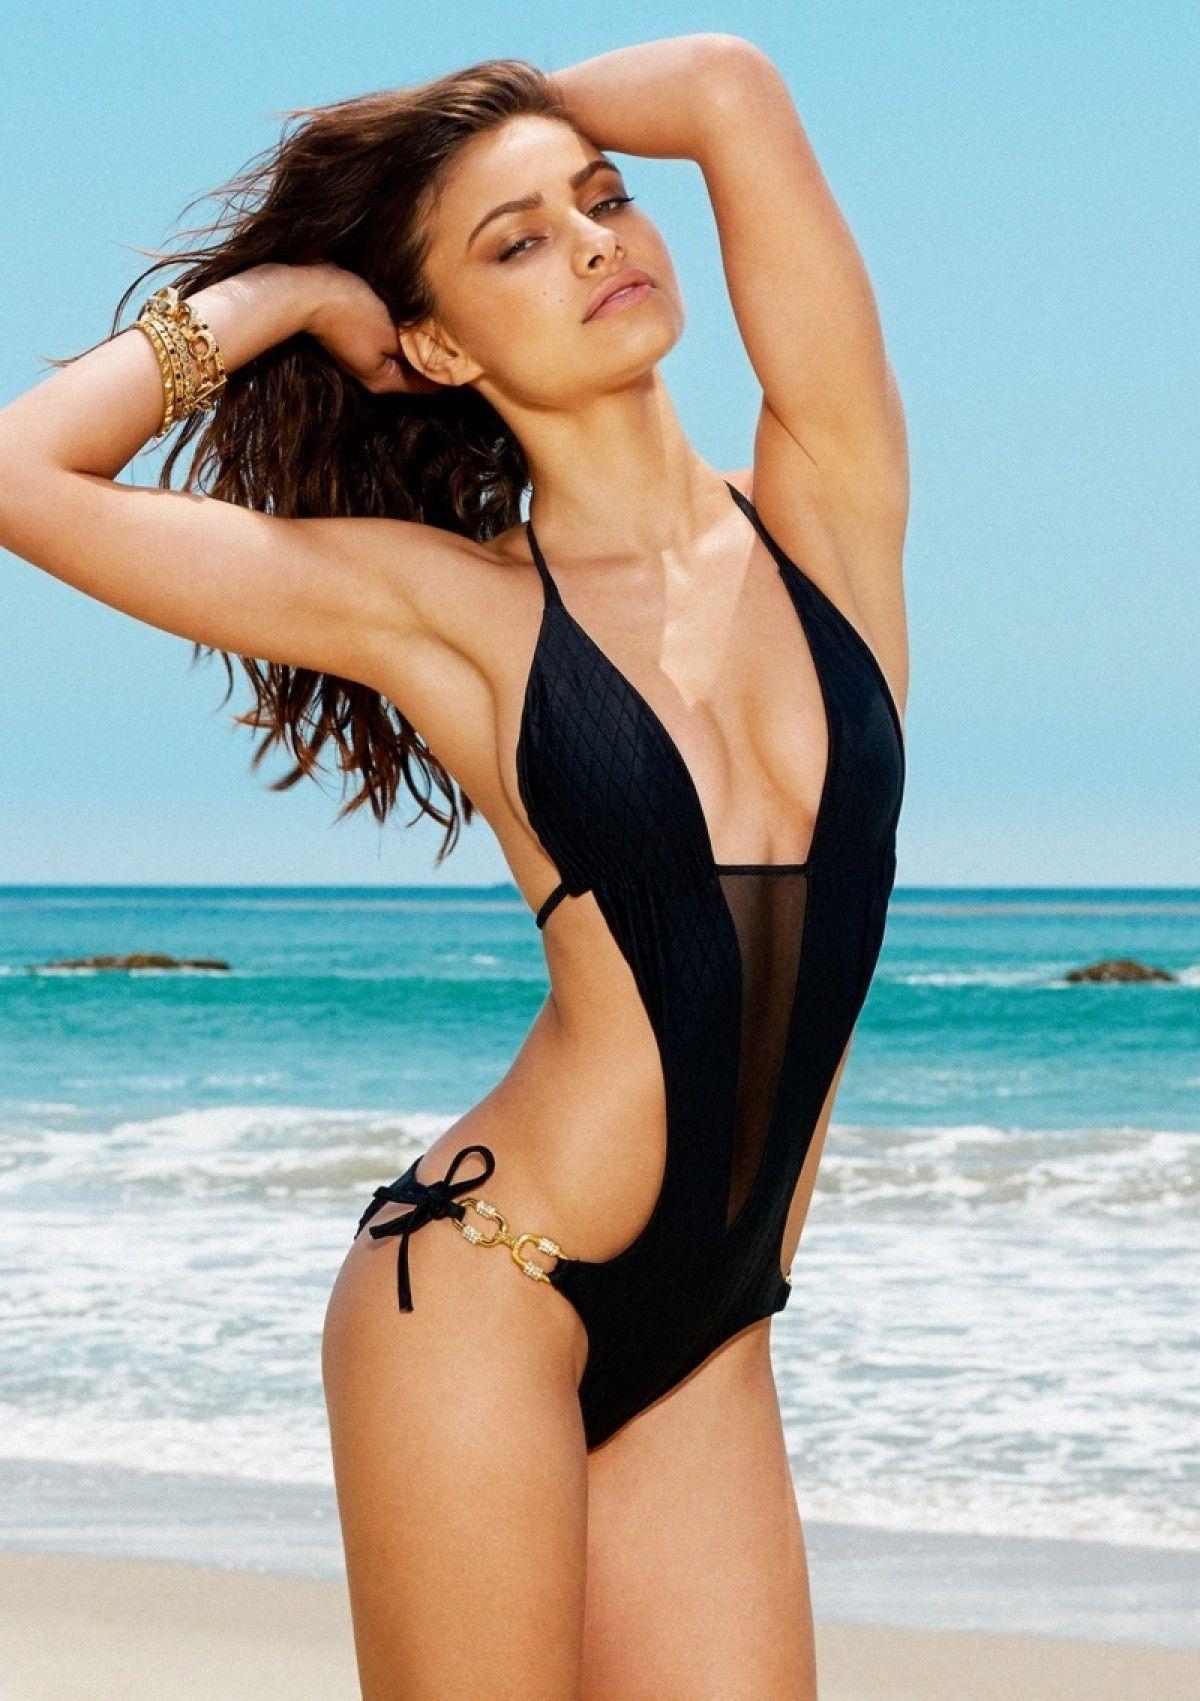 Skimpy one piece bikini